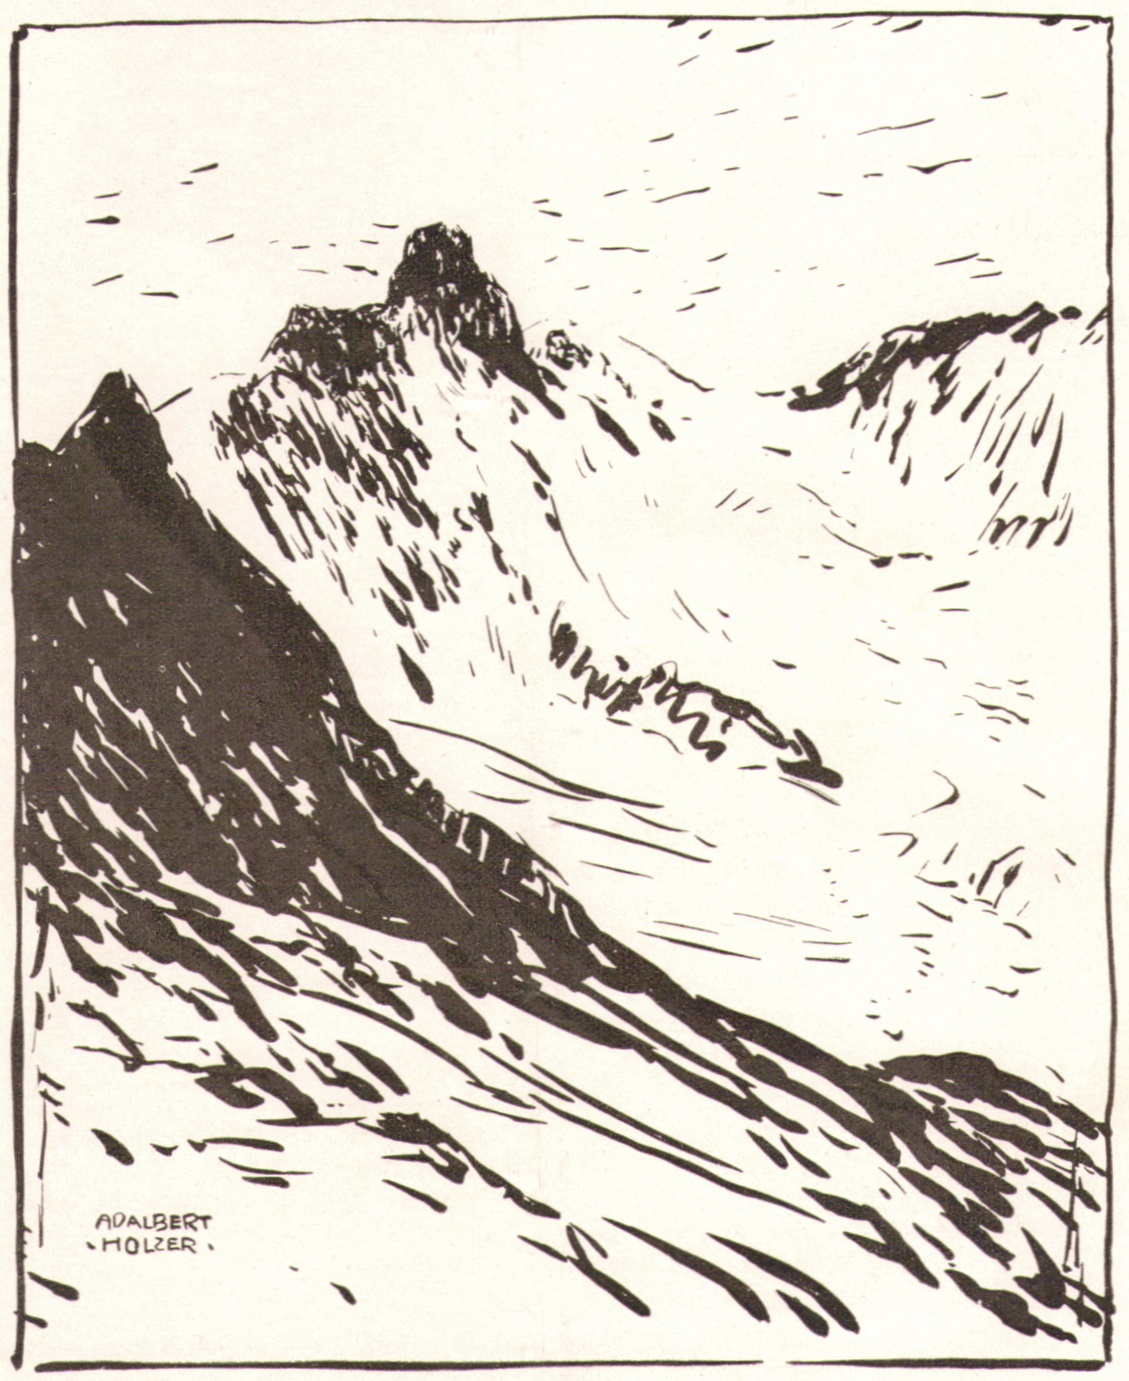 Adalbert Holzer - Grosslitzner um 1920p.jpg